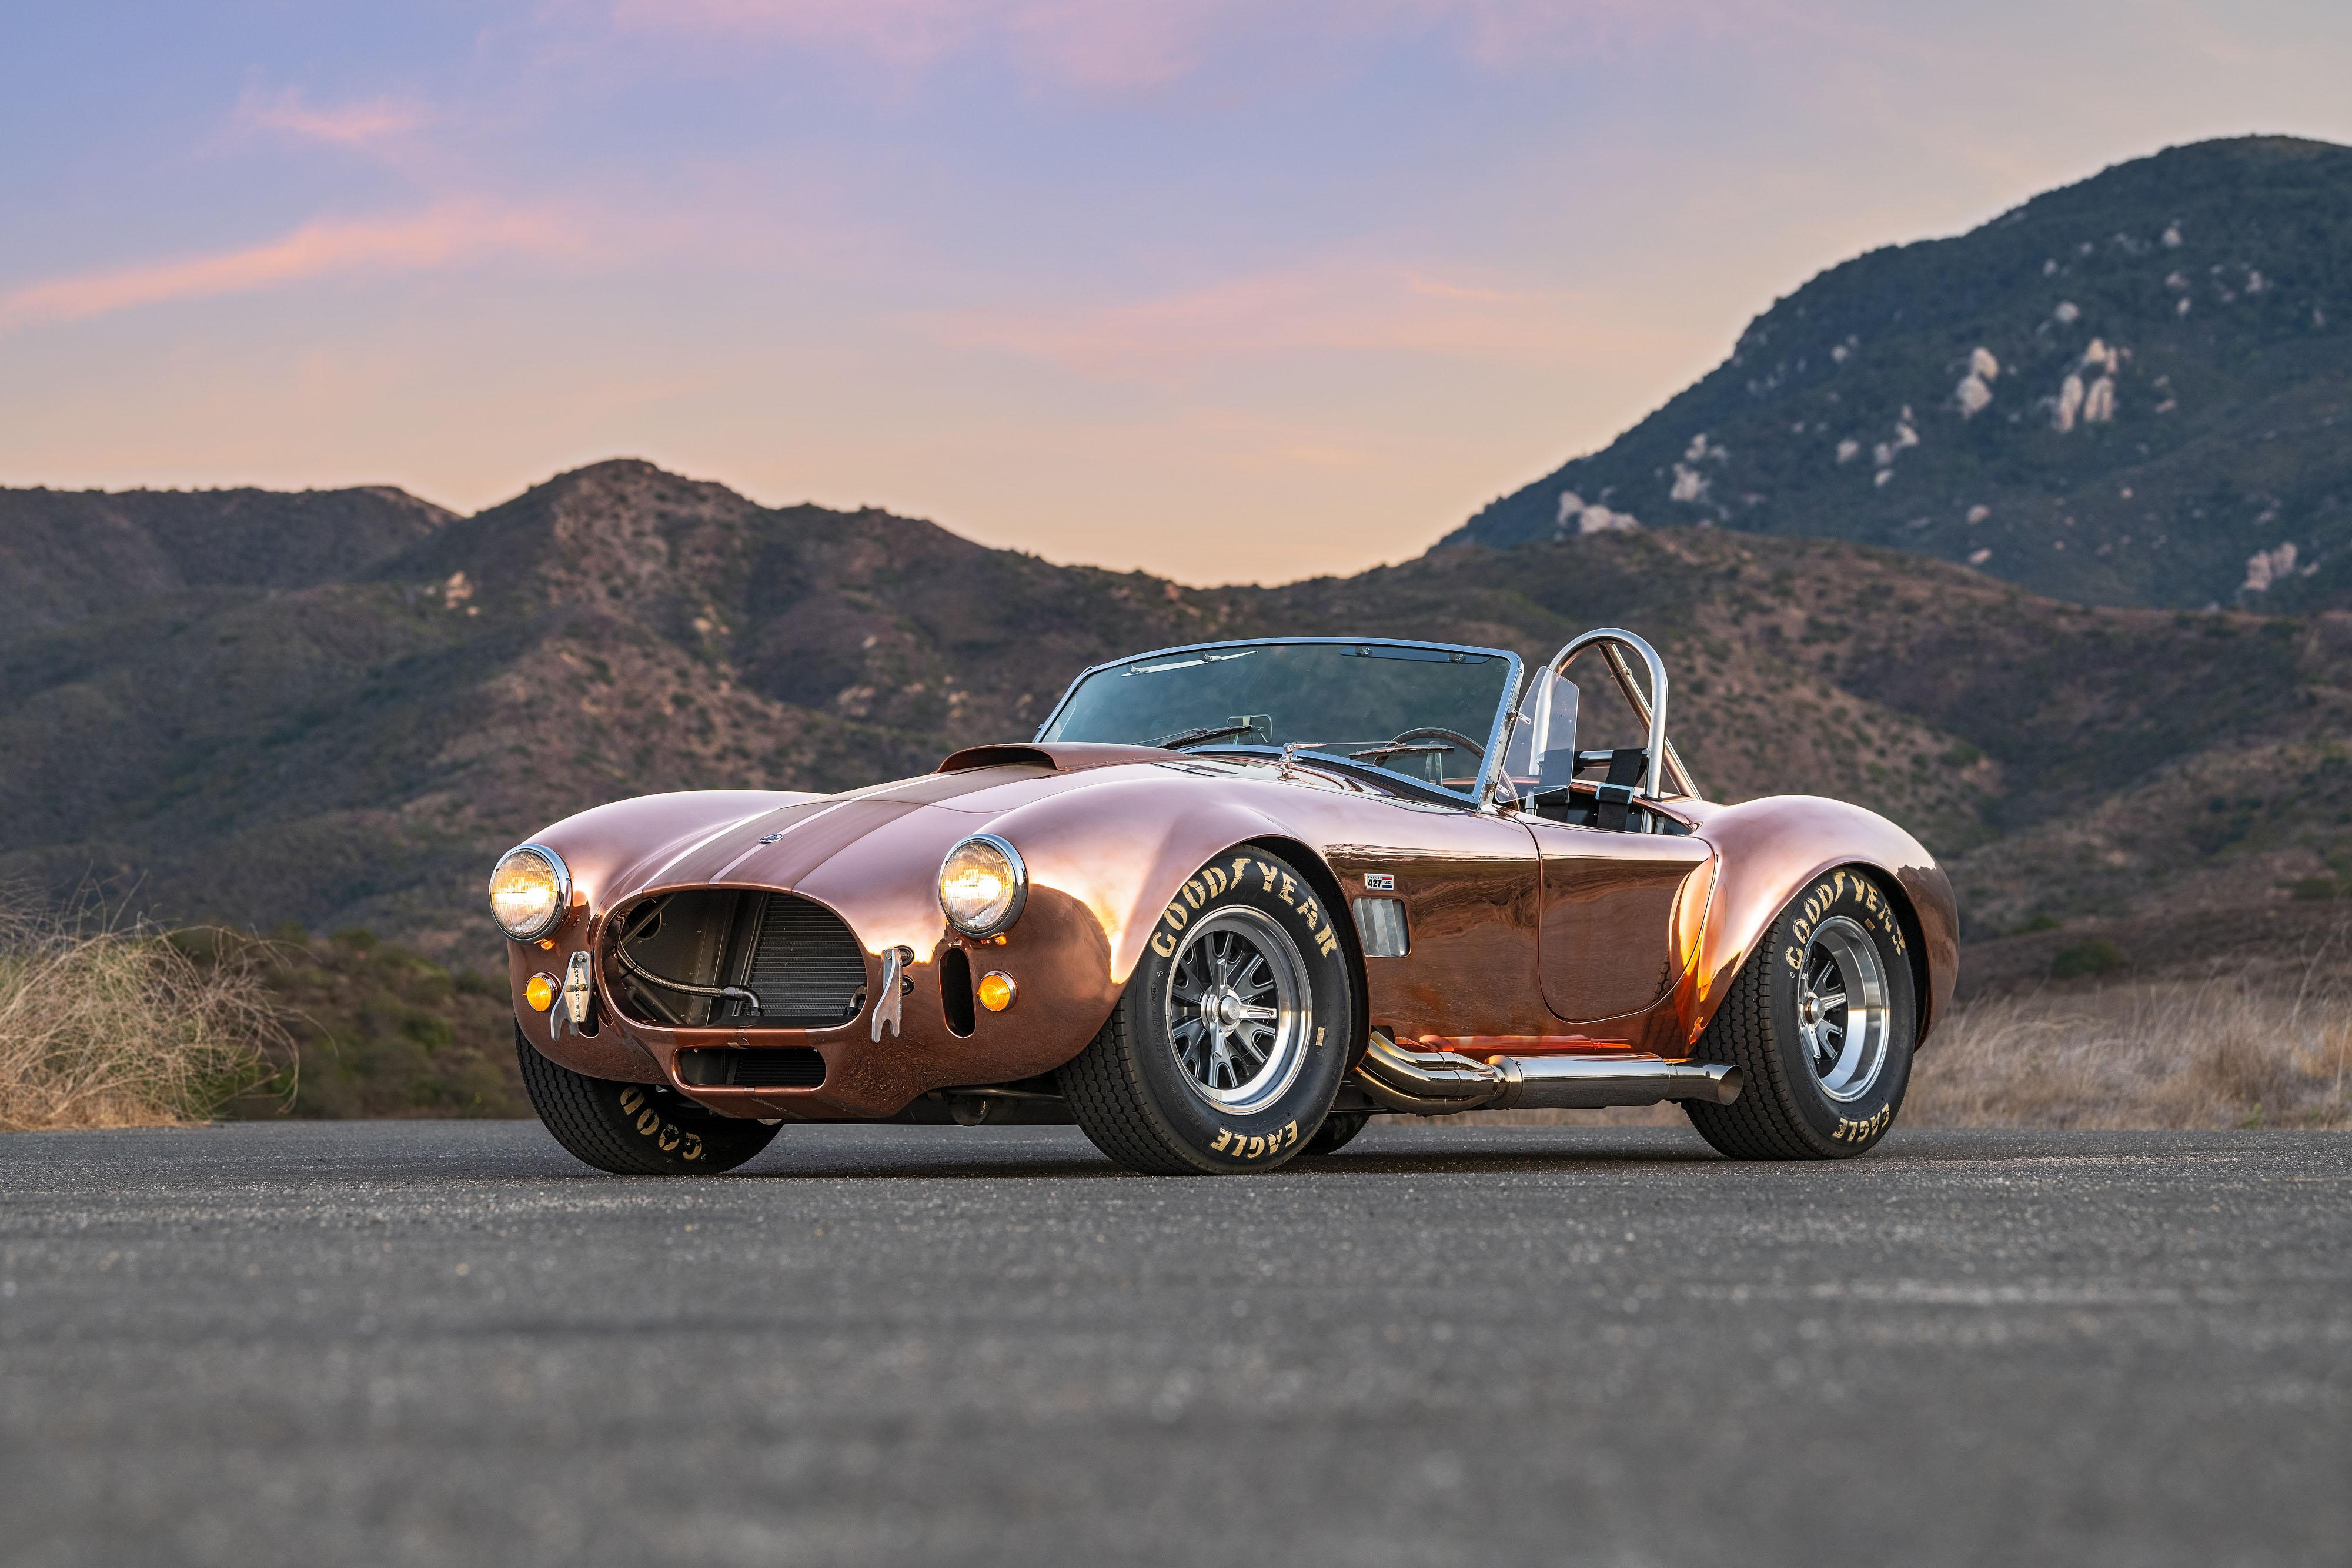 1965 shelby cobra 427 car 4k 1618920300 - 1965 Shelby Cobra 427 Car 4k - 1965 Shelby Cobra 427 Car 4k wallpapers